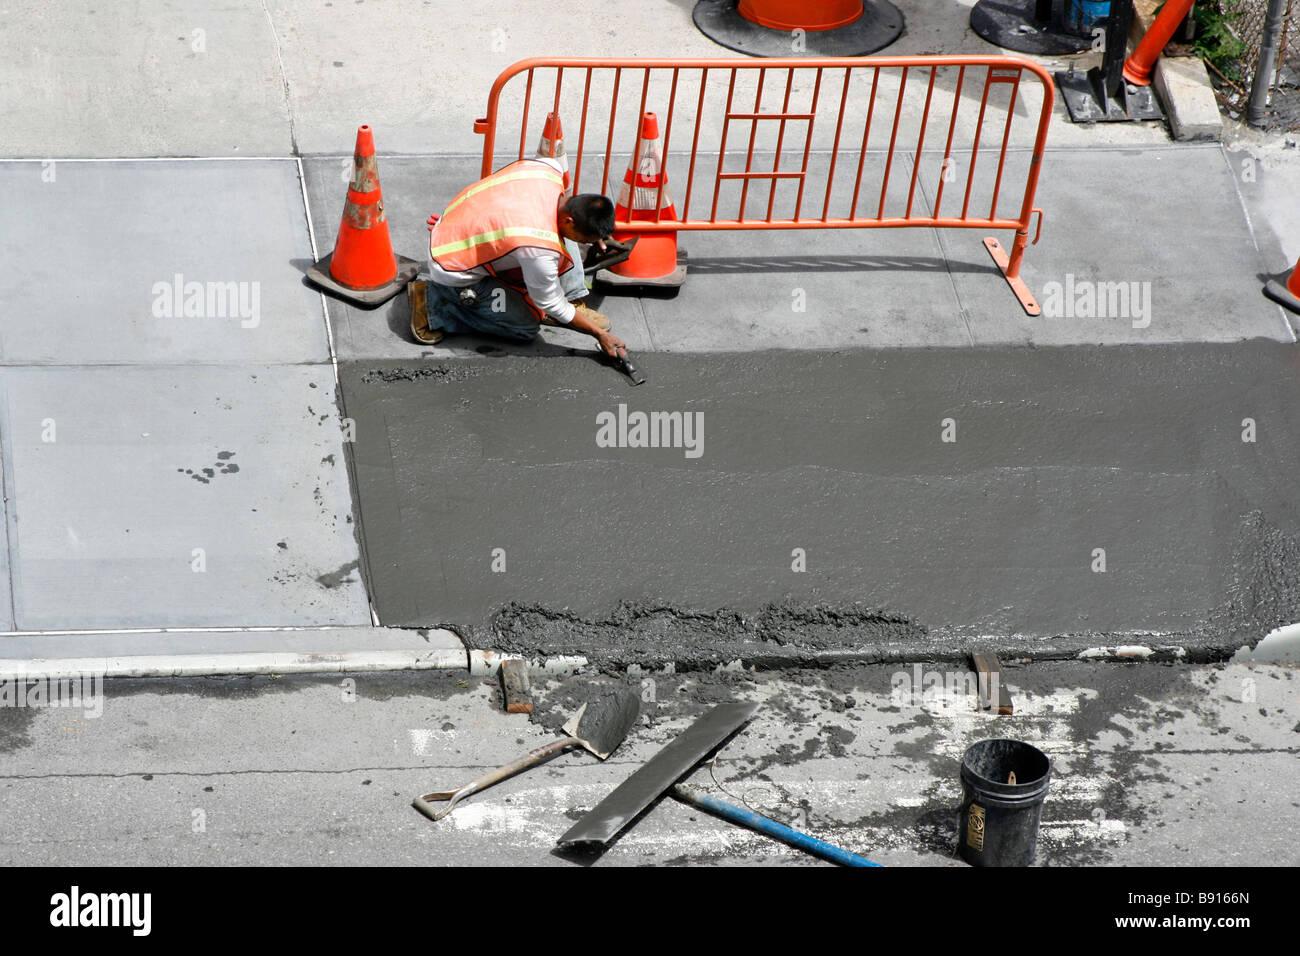 Mann einen frisch gezapftes nassen Beton Gehweg Glättung. Stockfoto